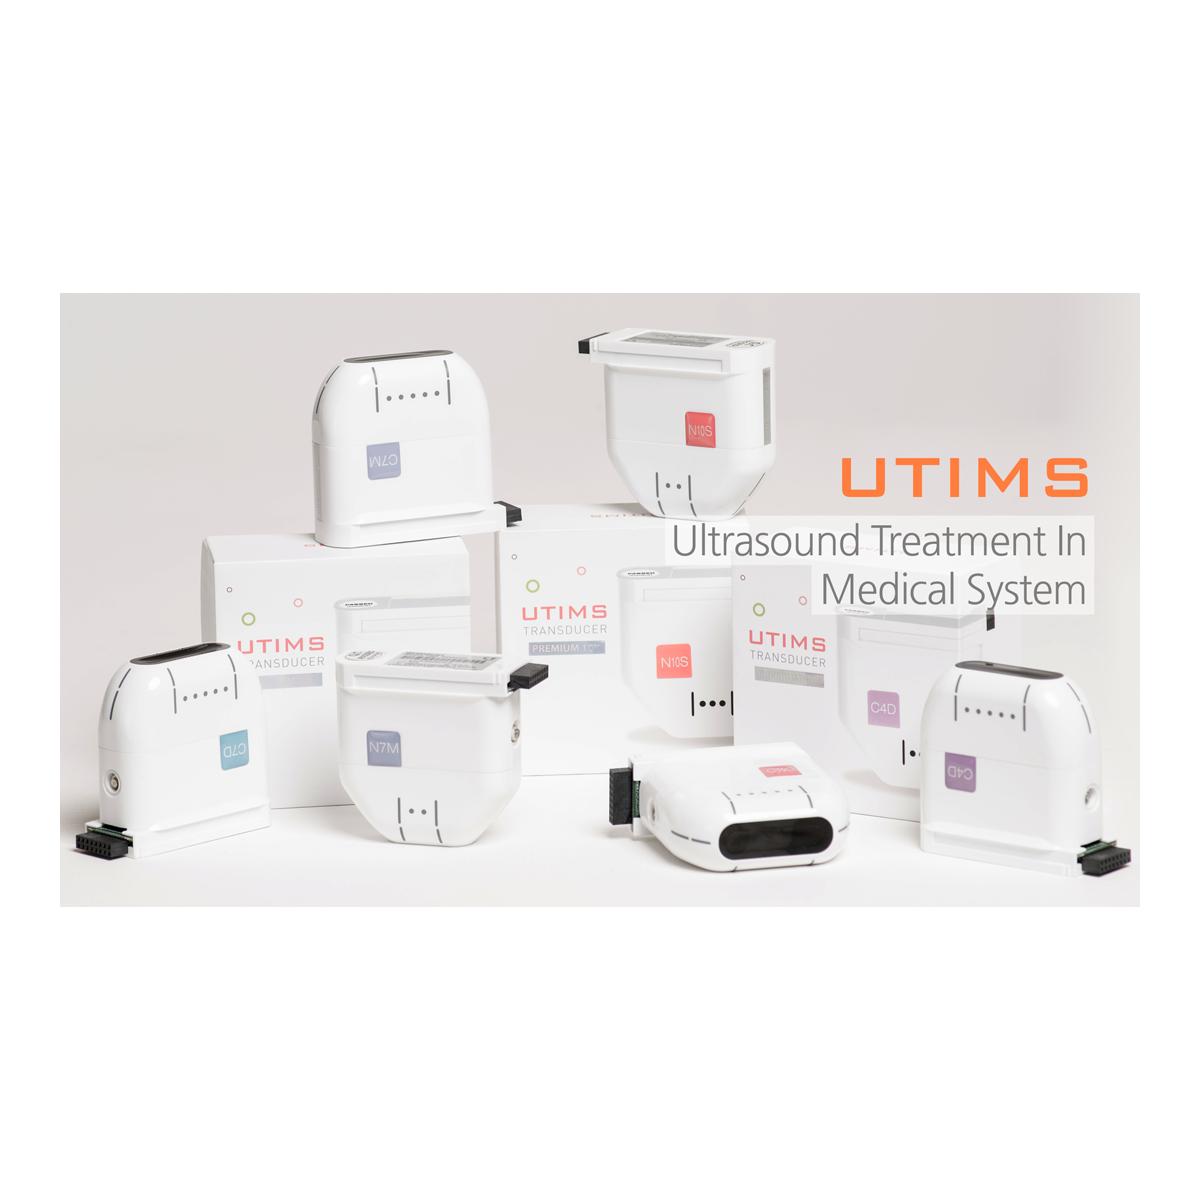 Equipo HIFU de ultrasonido focalizado UTIMS